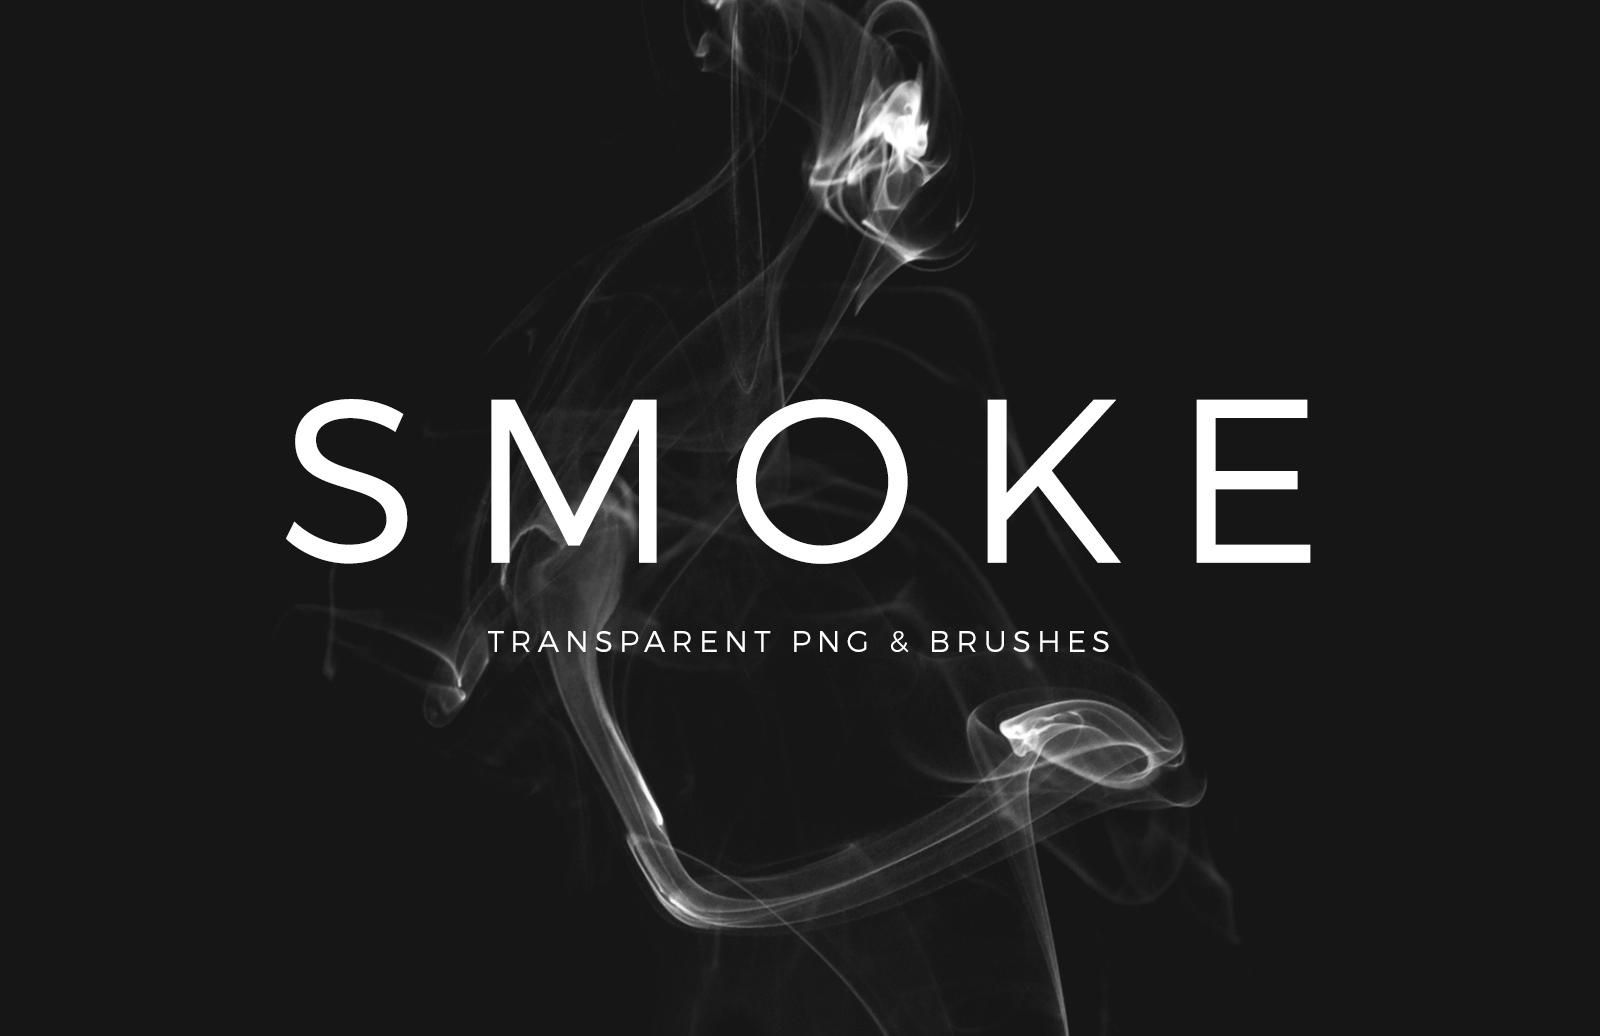 Smoke Transparent PNG & Brushes 1